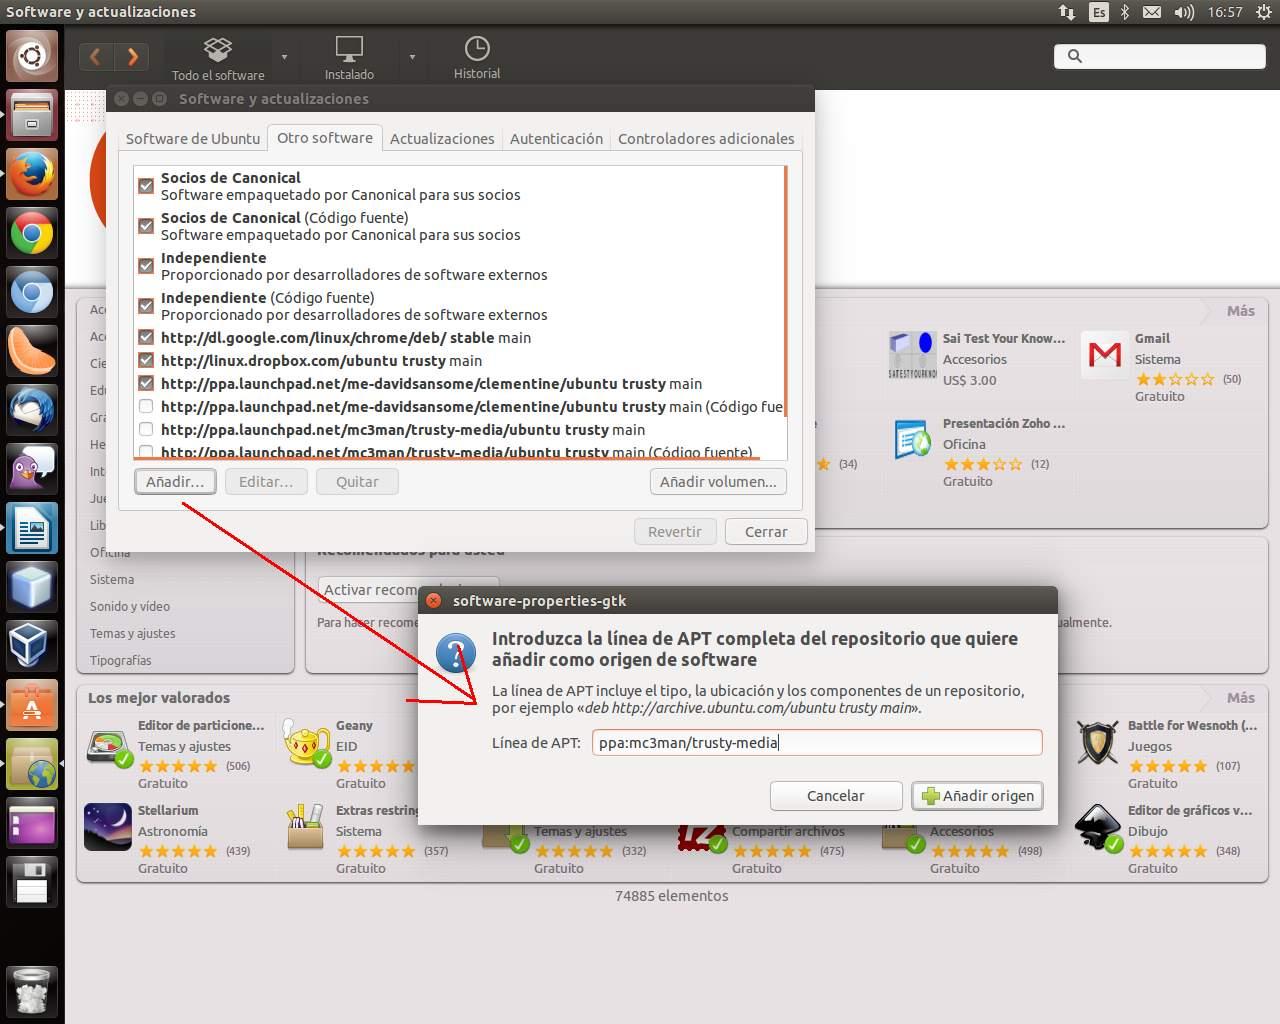 Añadir PPA Gstreaer 0-1 desde el Centro de Software de Ubuntu